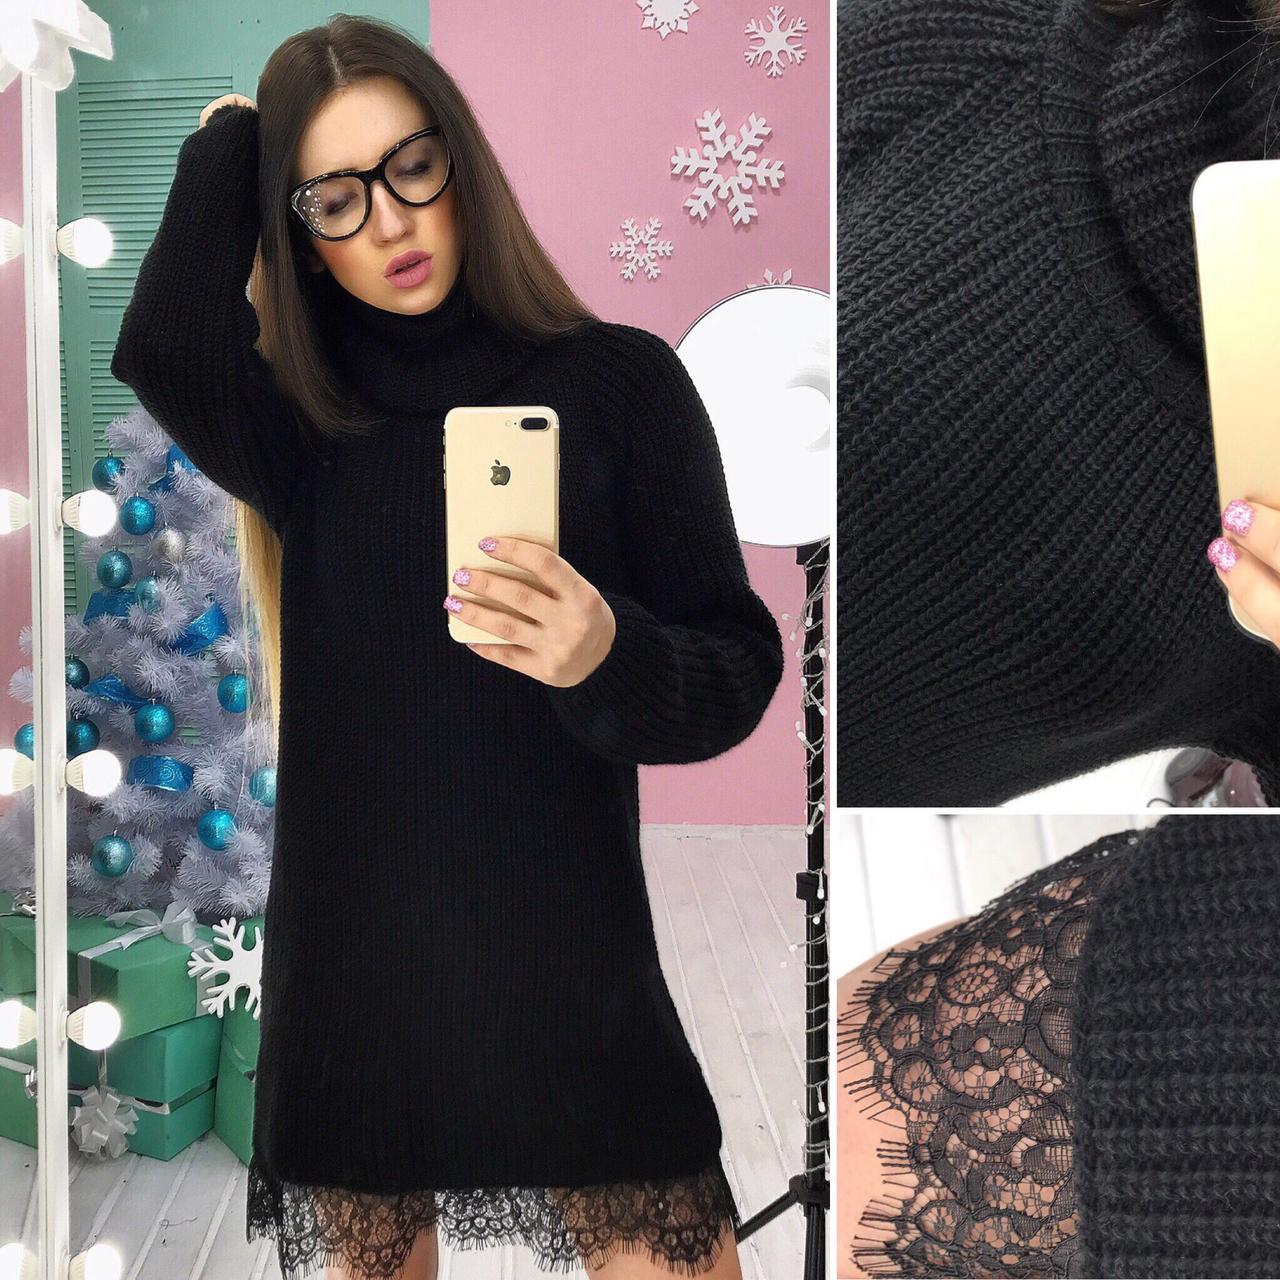 55b453eed42 Теплое вязаное платье с кружевом - Styleopt.com в Харькове